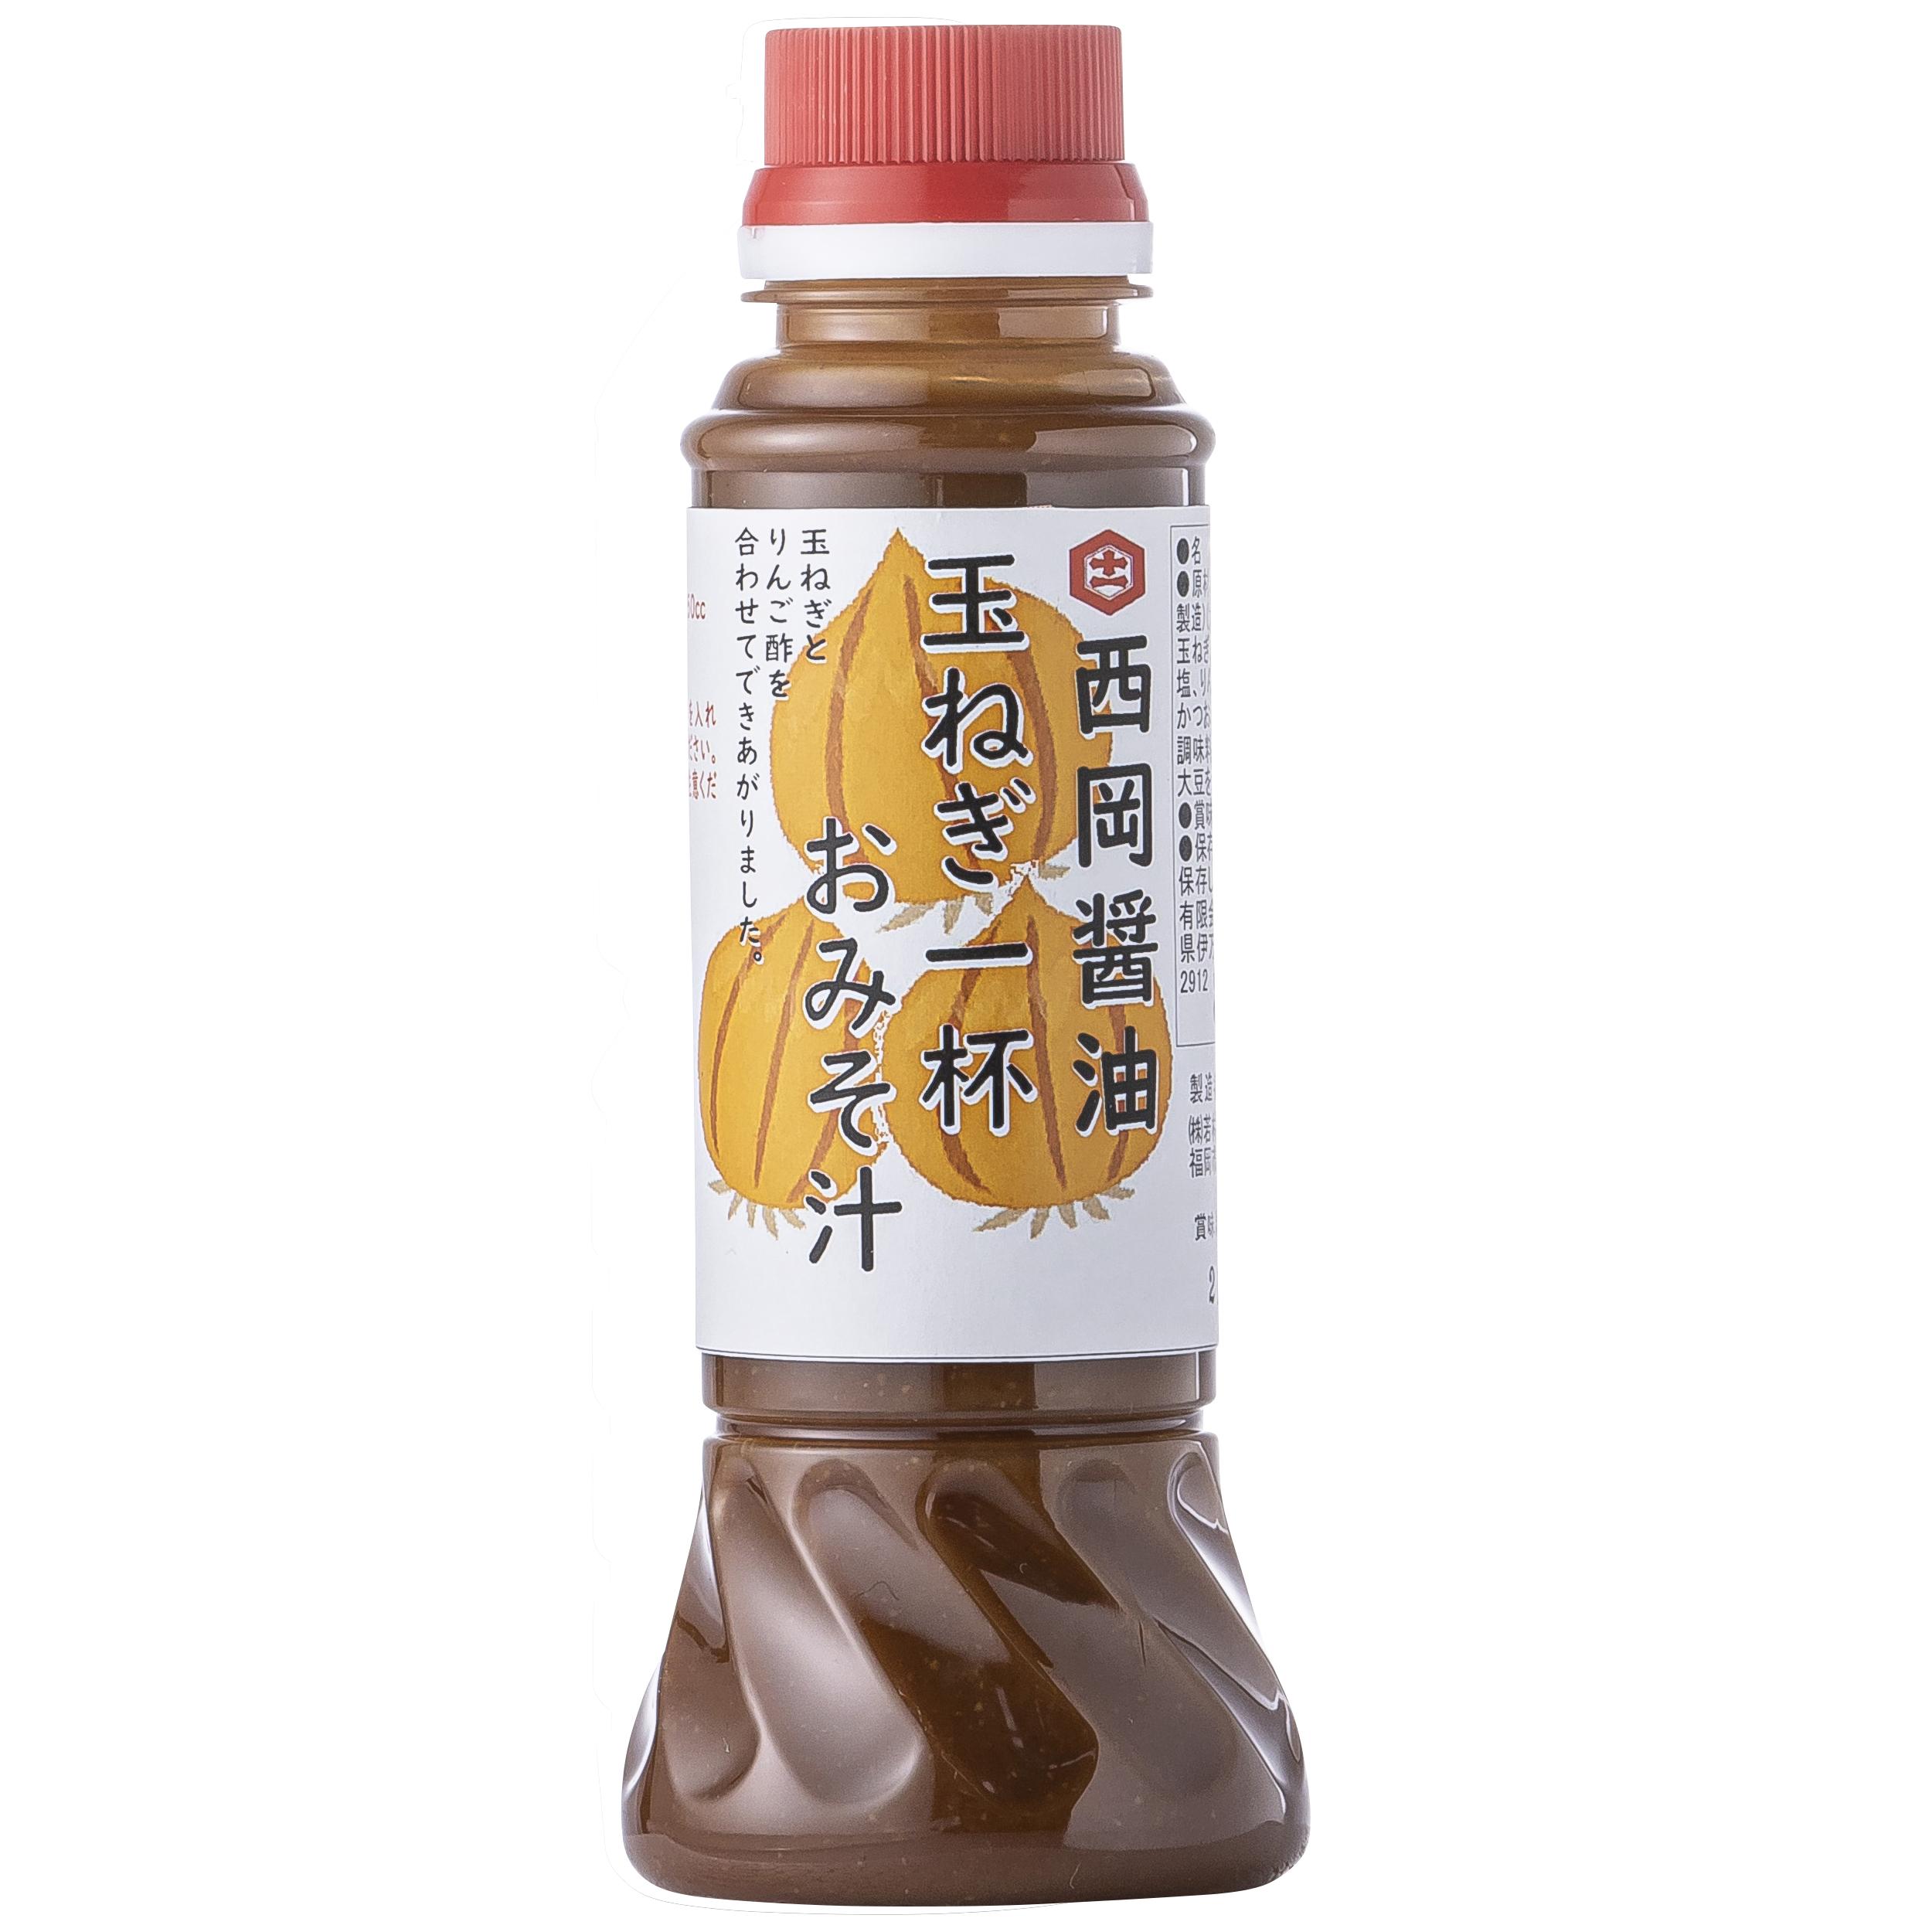 玉ねぎ一杯 おみそ汁240g